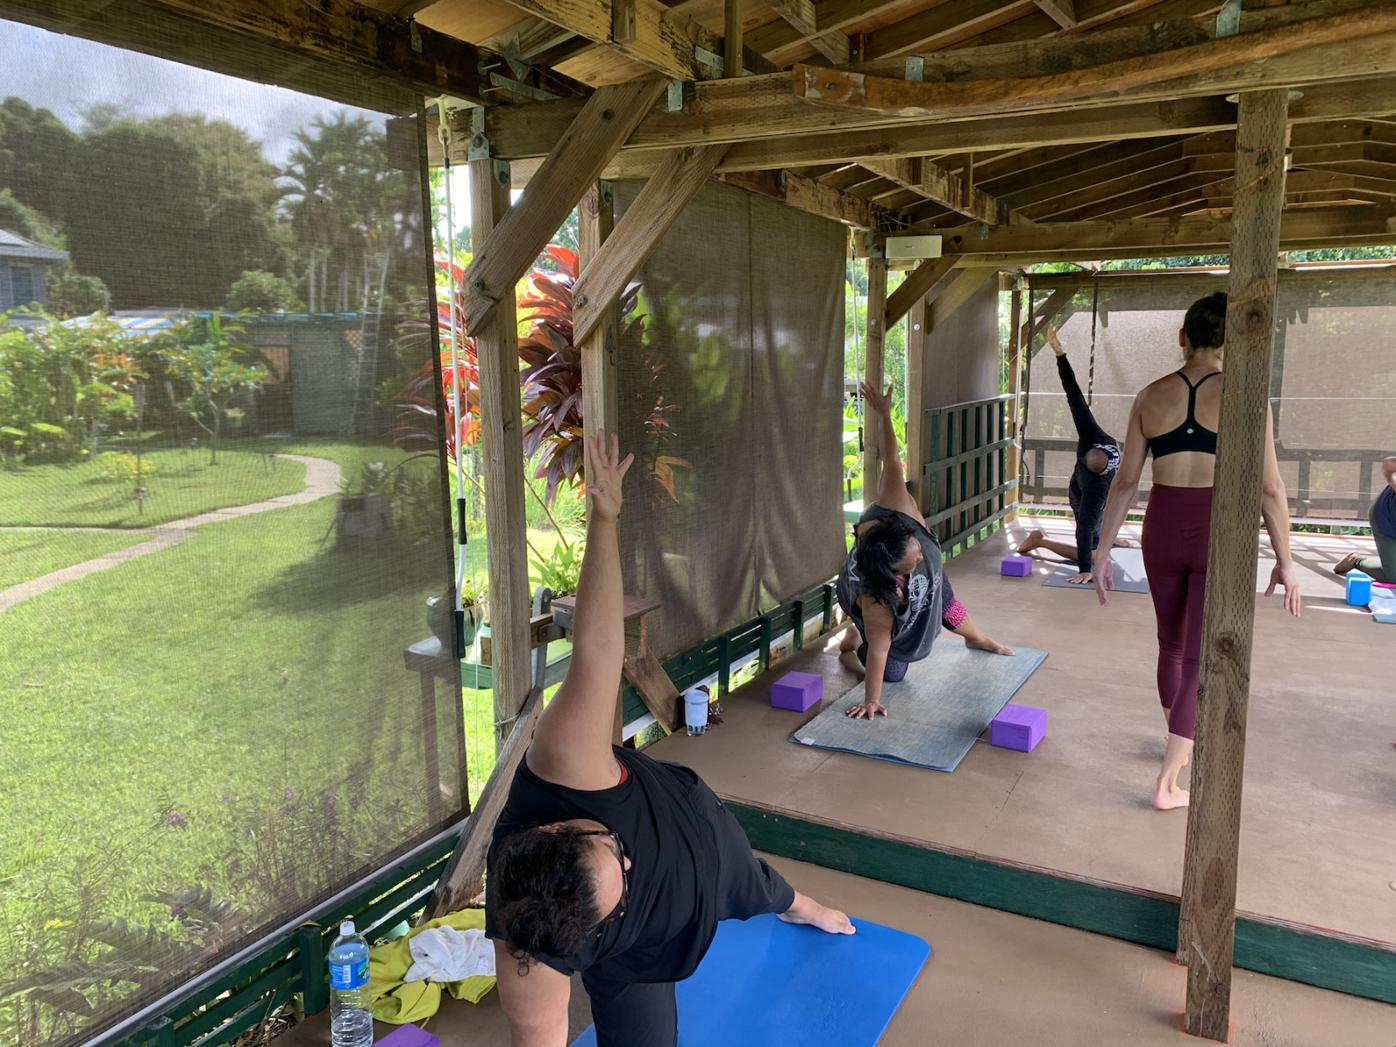 Yoga in Paradise: The Yoga Garden